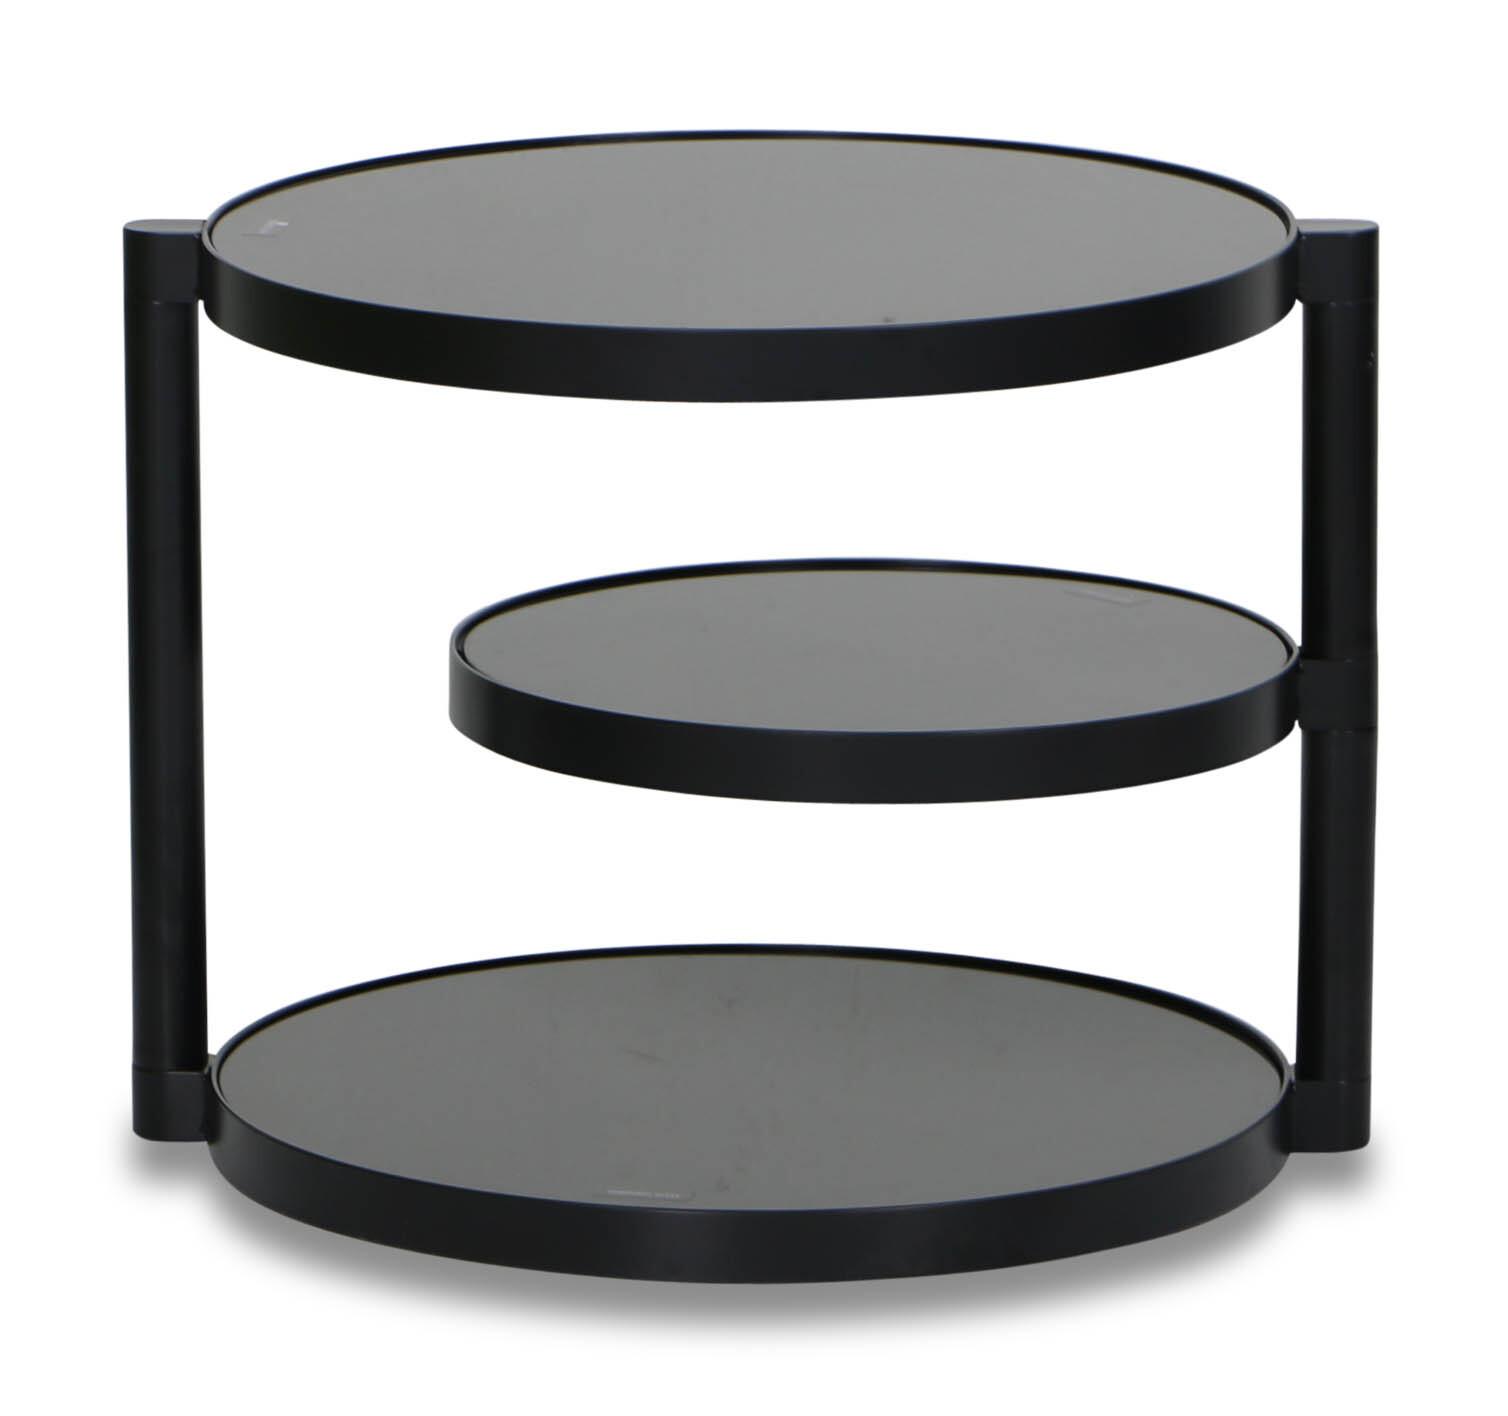 Ferilli Round Table In Piano Black